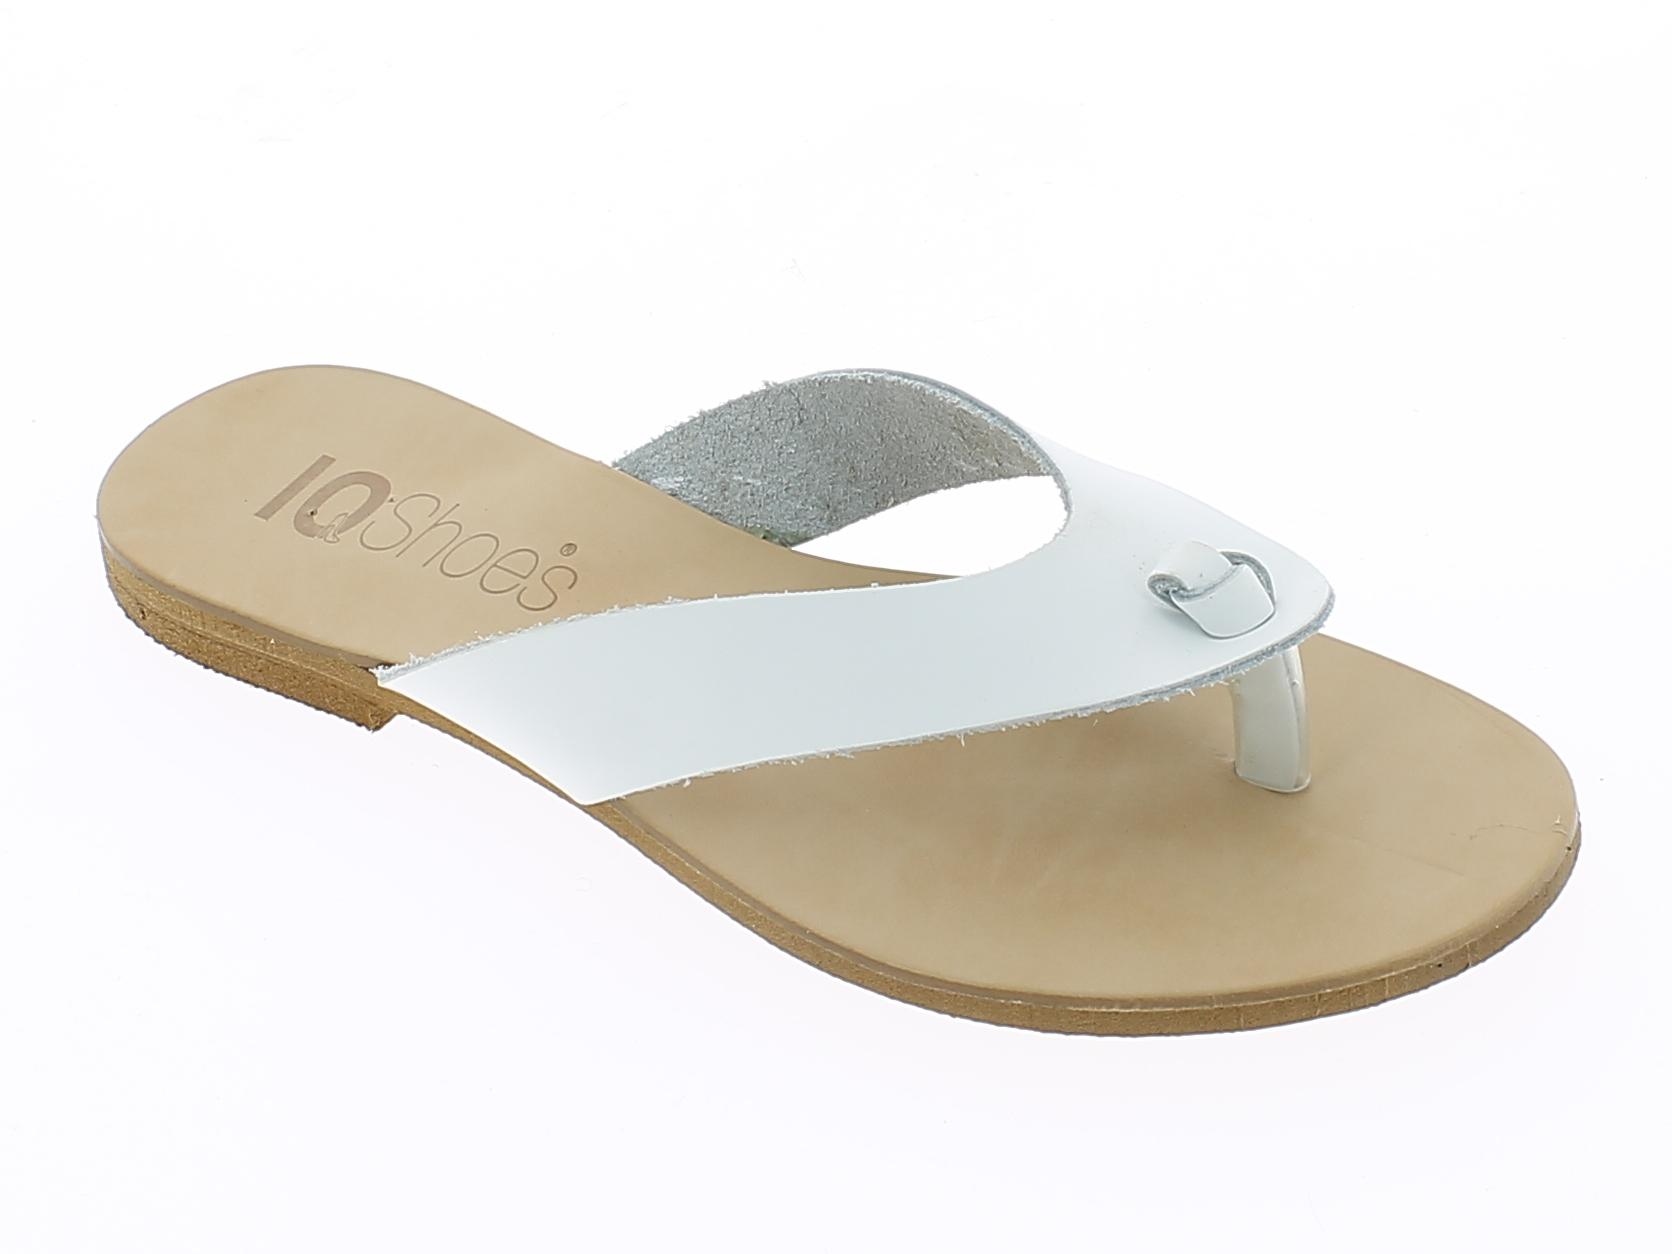 IQSHOES Γυναικείο Σανδάλι T184-07 Λευκό - IqShoes - T184-07 WHITE white 37/1/14/ παπούτσια  γυναικεία σανδάλια   πέδιλα